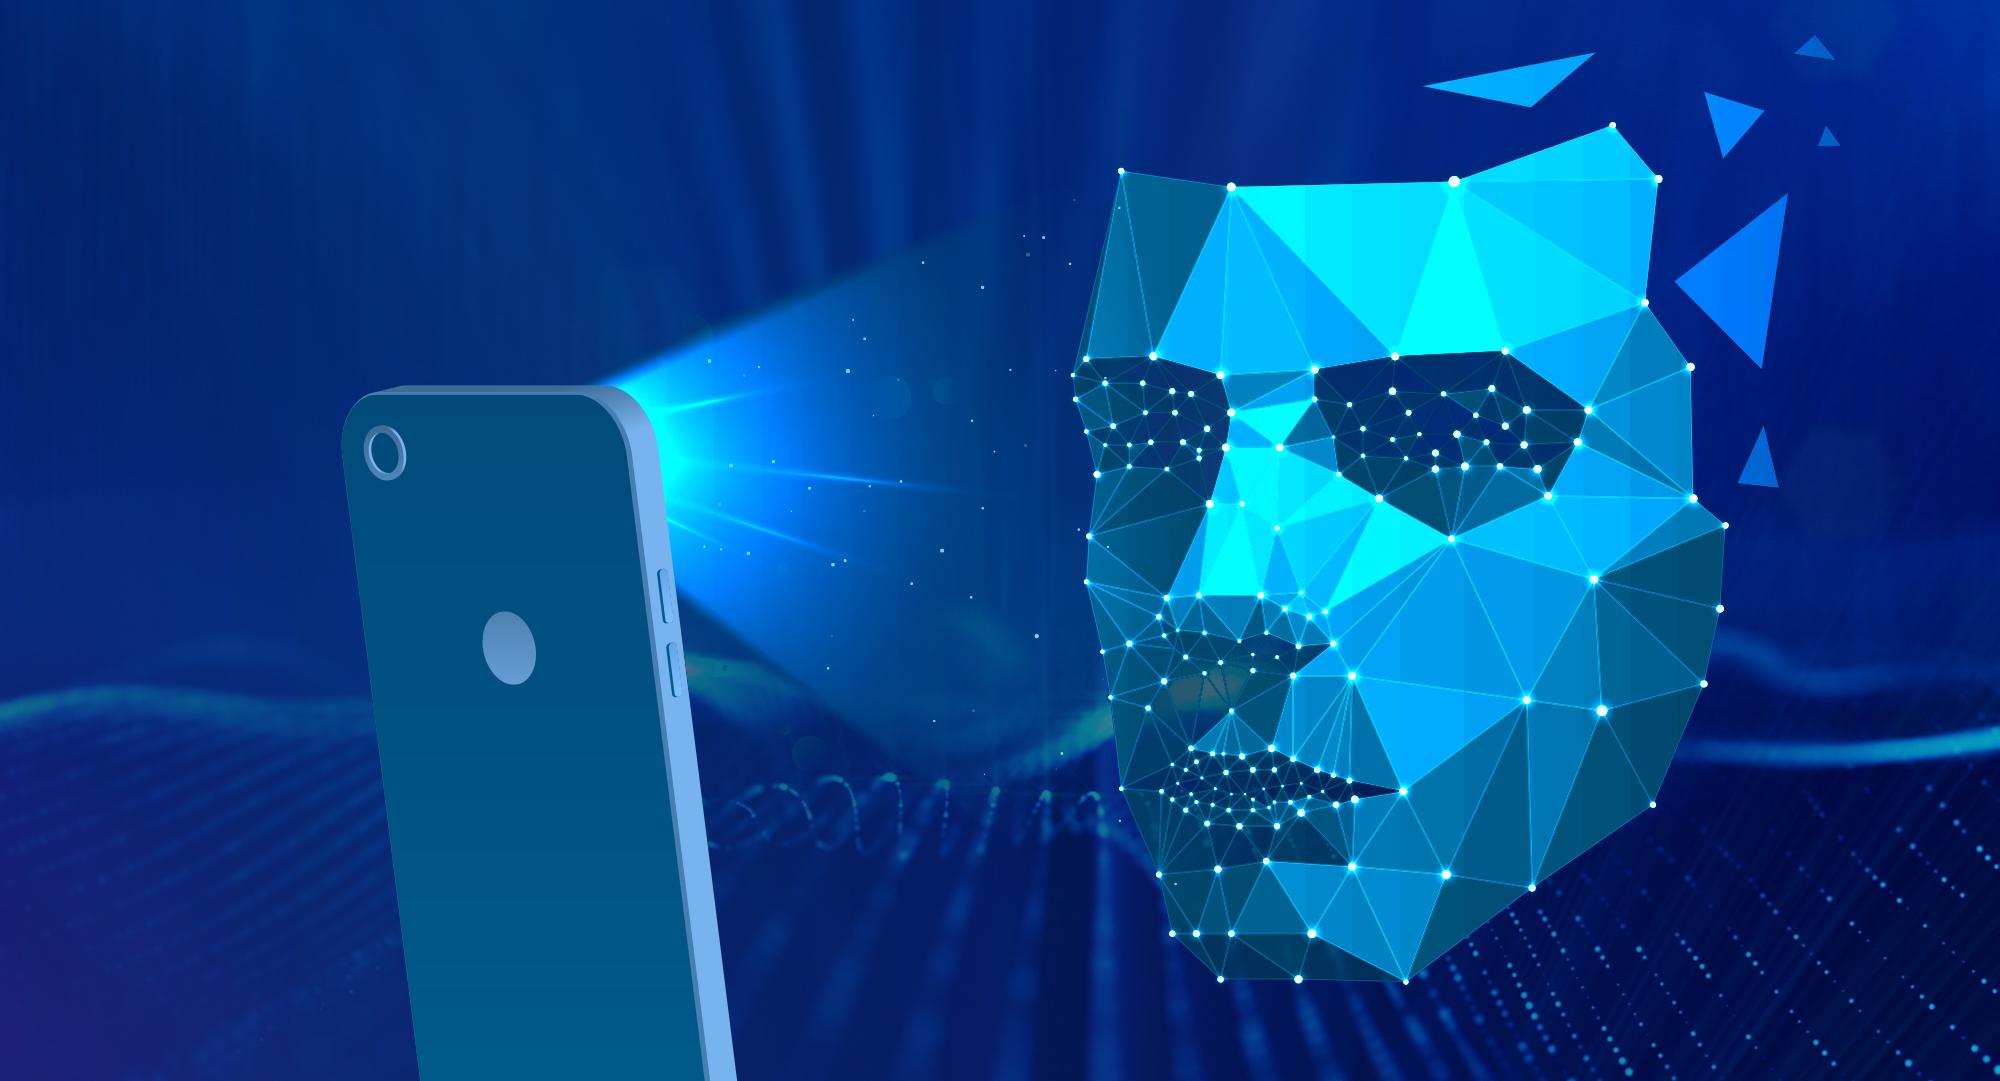 Facebook планирует добавить систему распознавания лиц в приложение Messenger